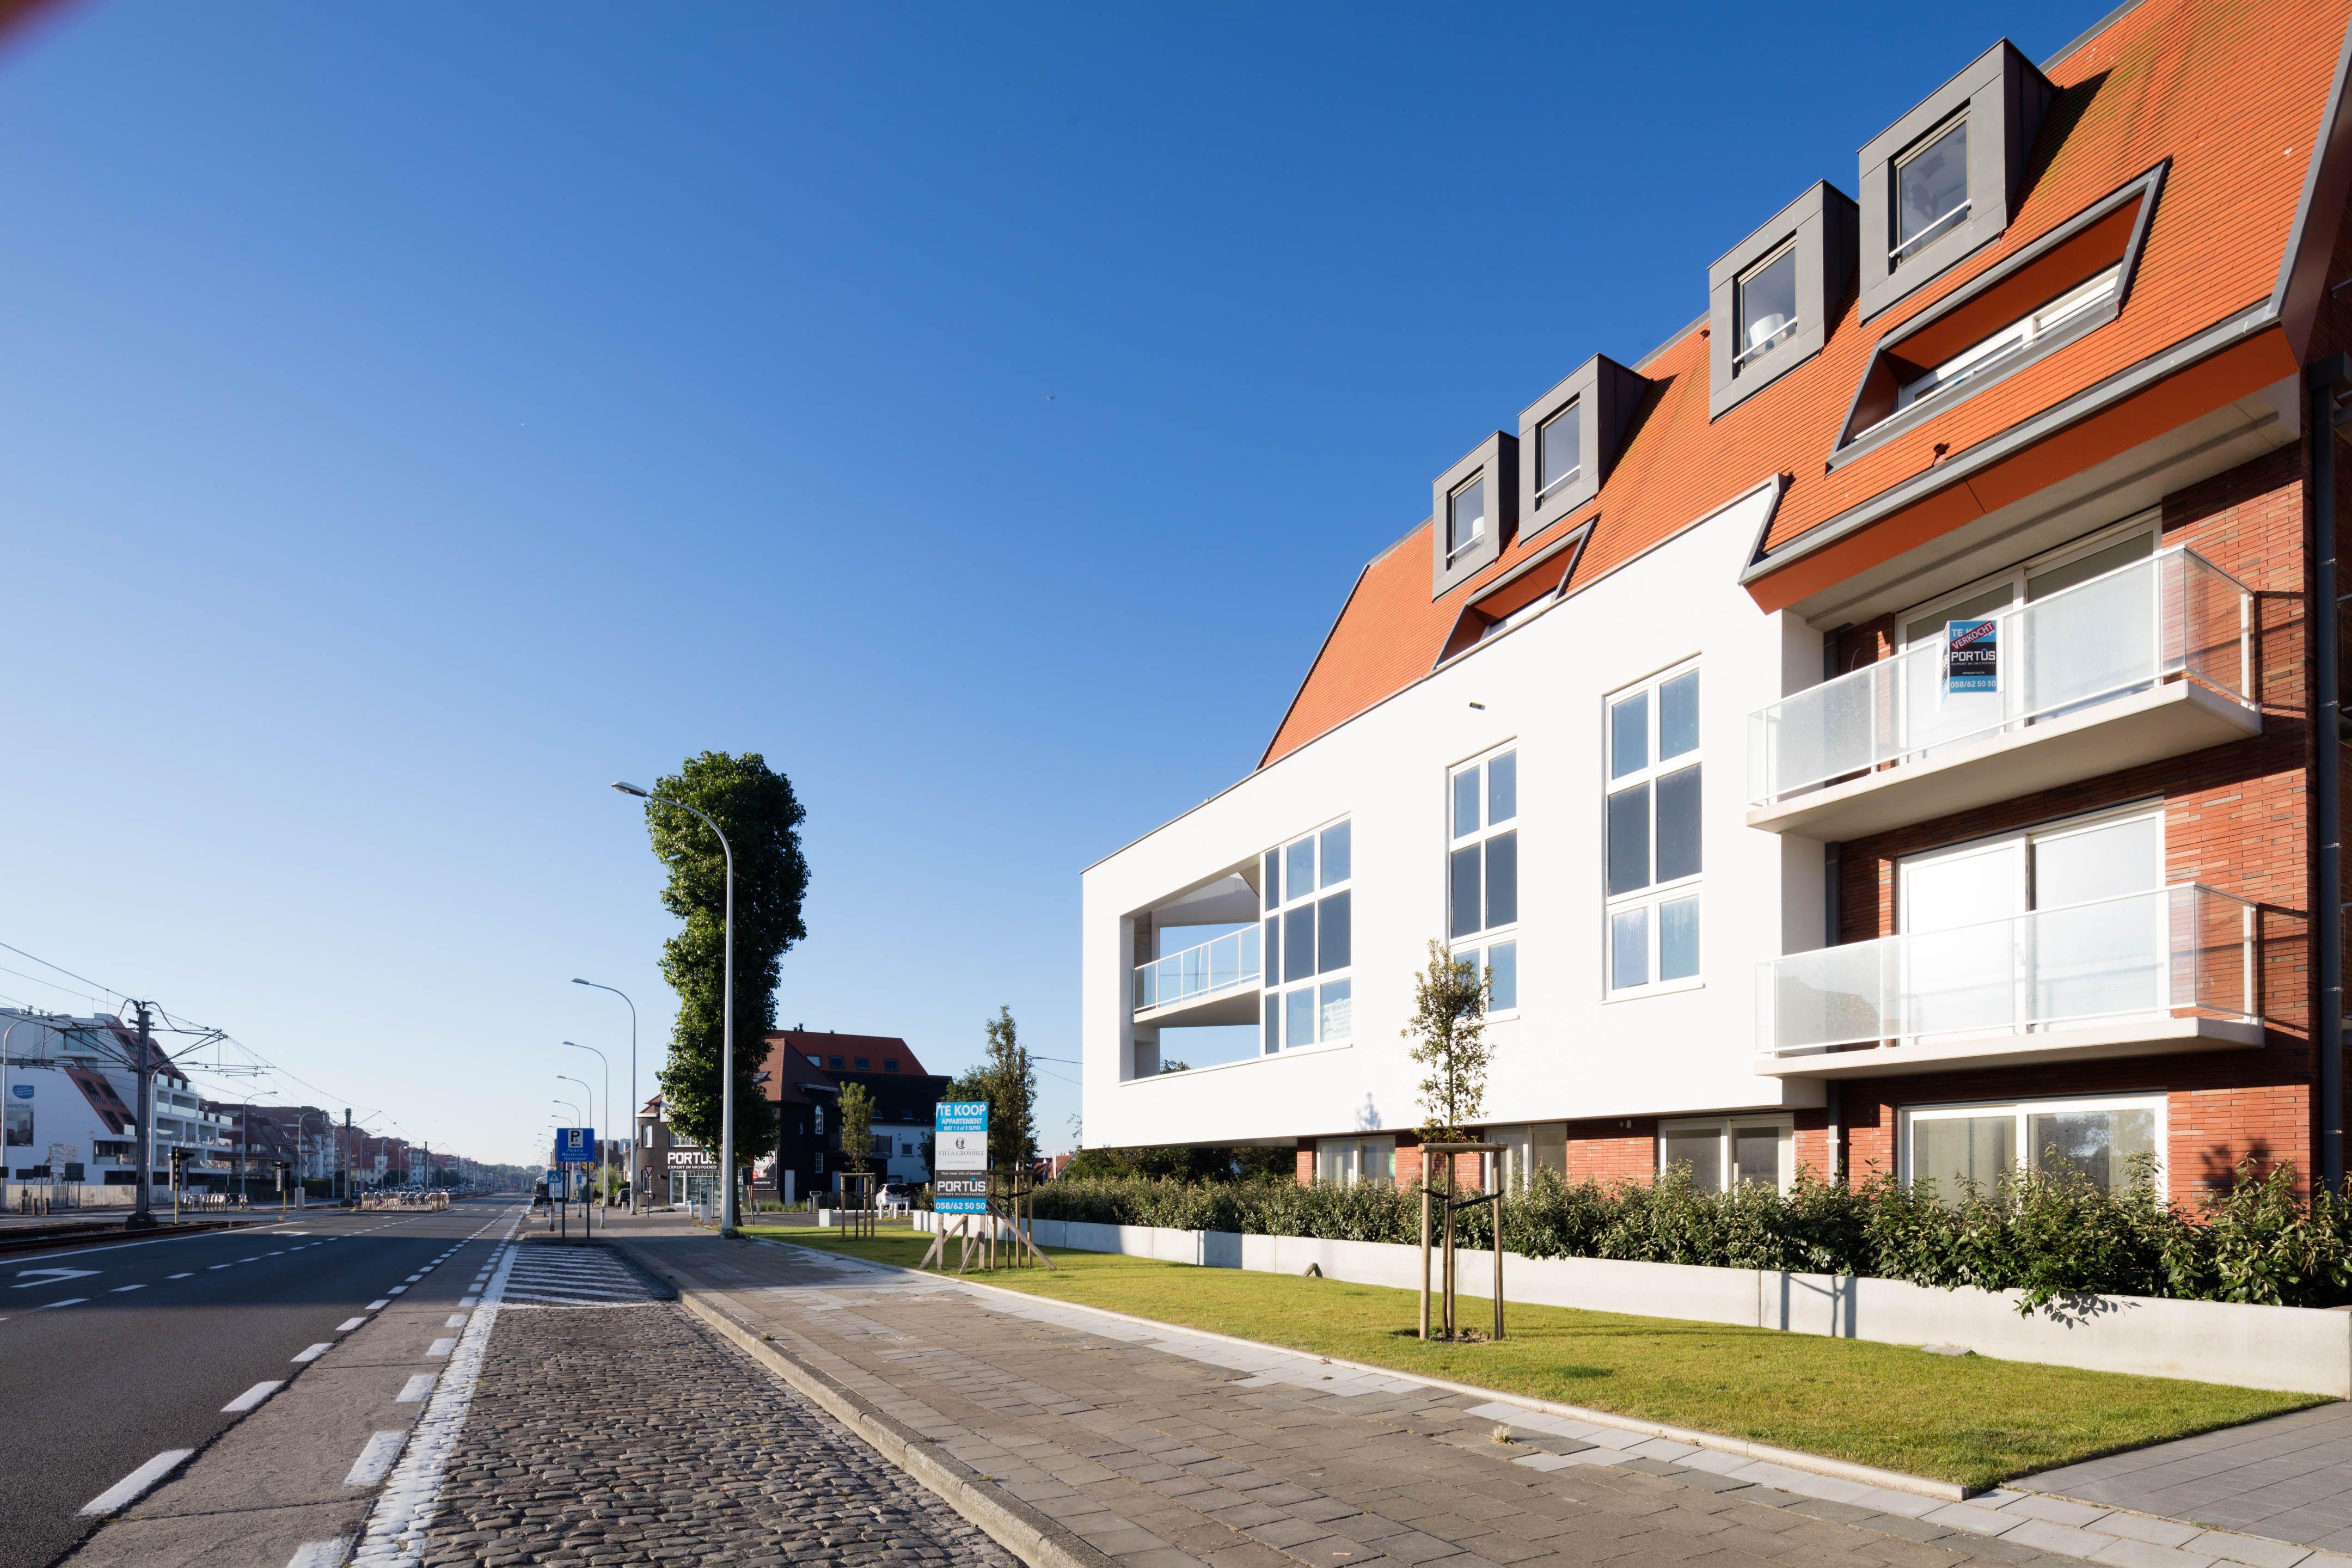 Appartement Residentie Villa Crombez Nieuwpoort - 3632